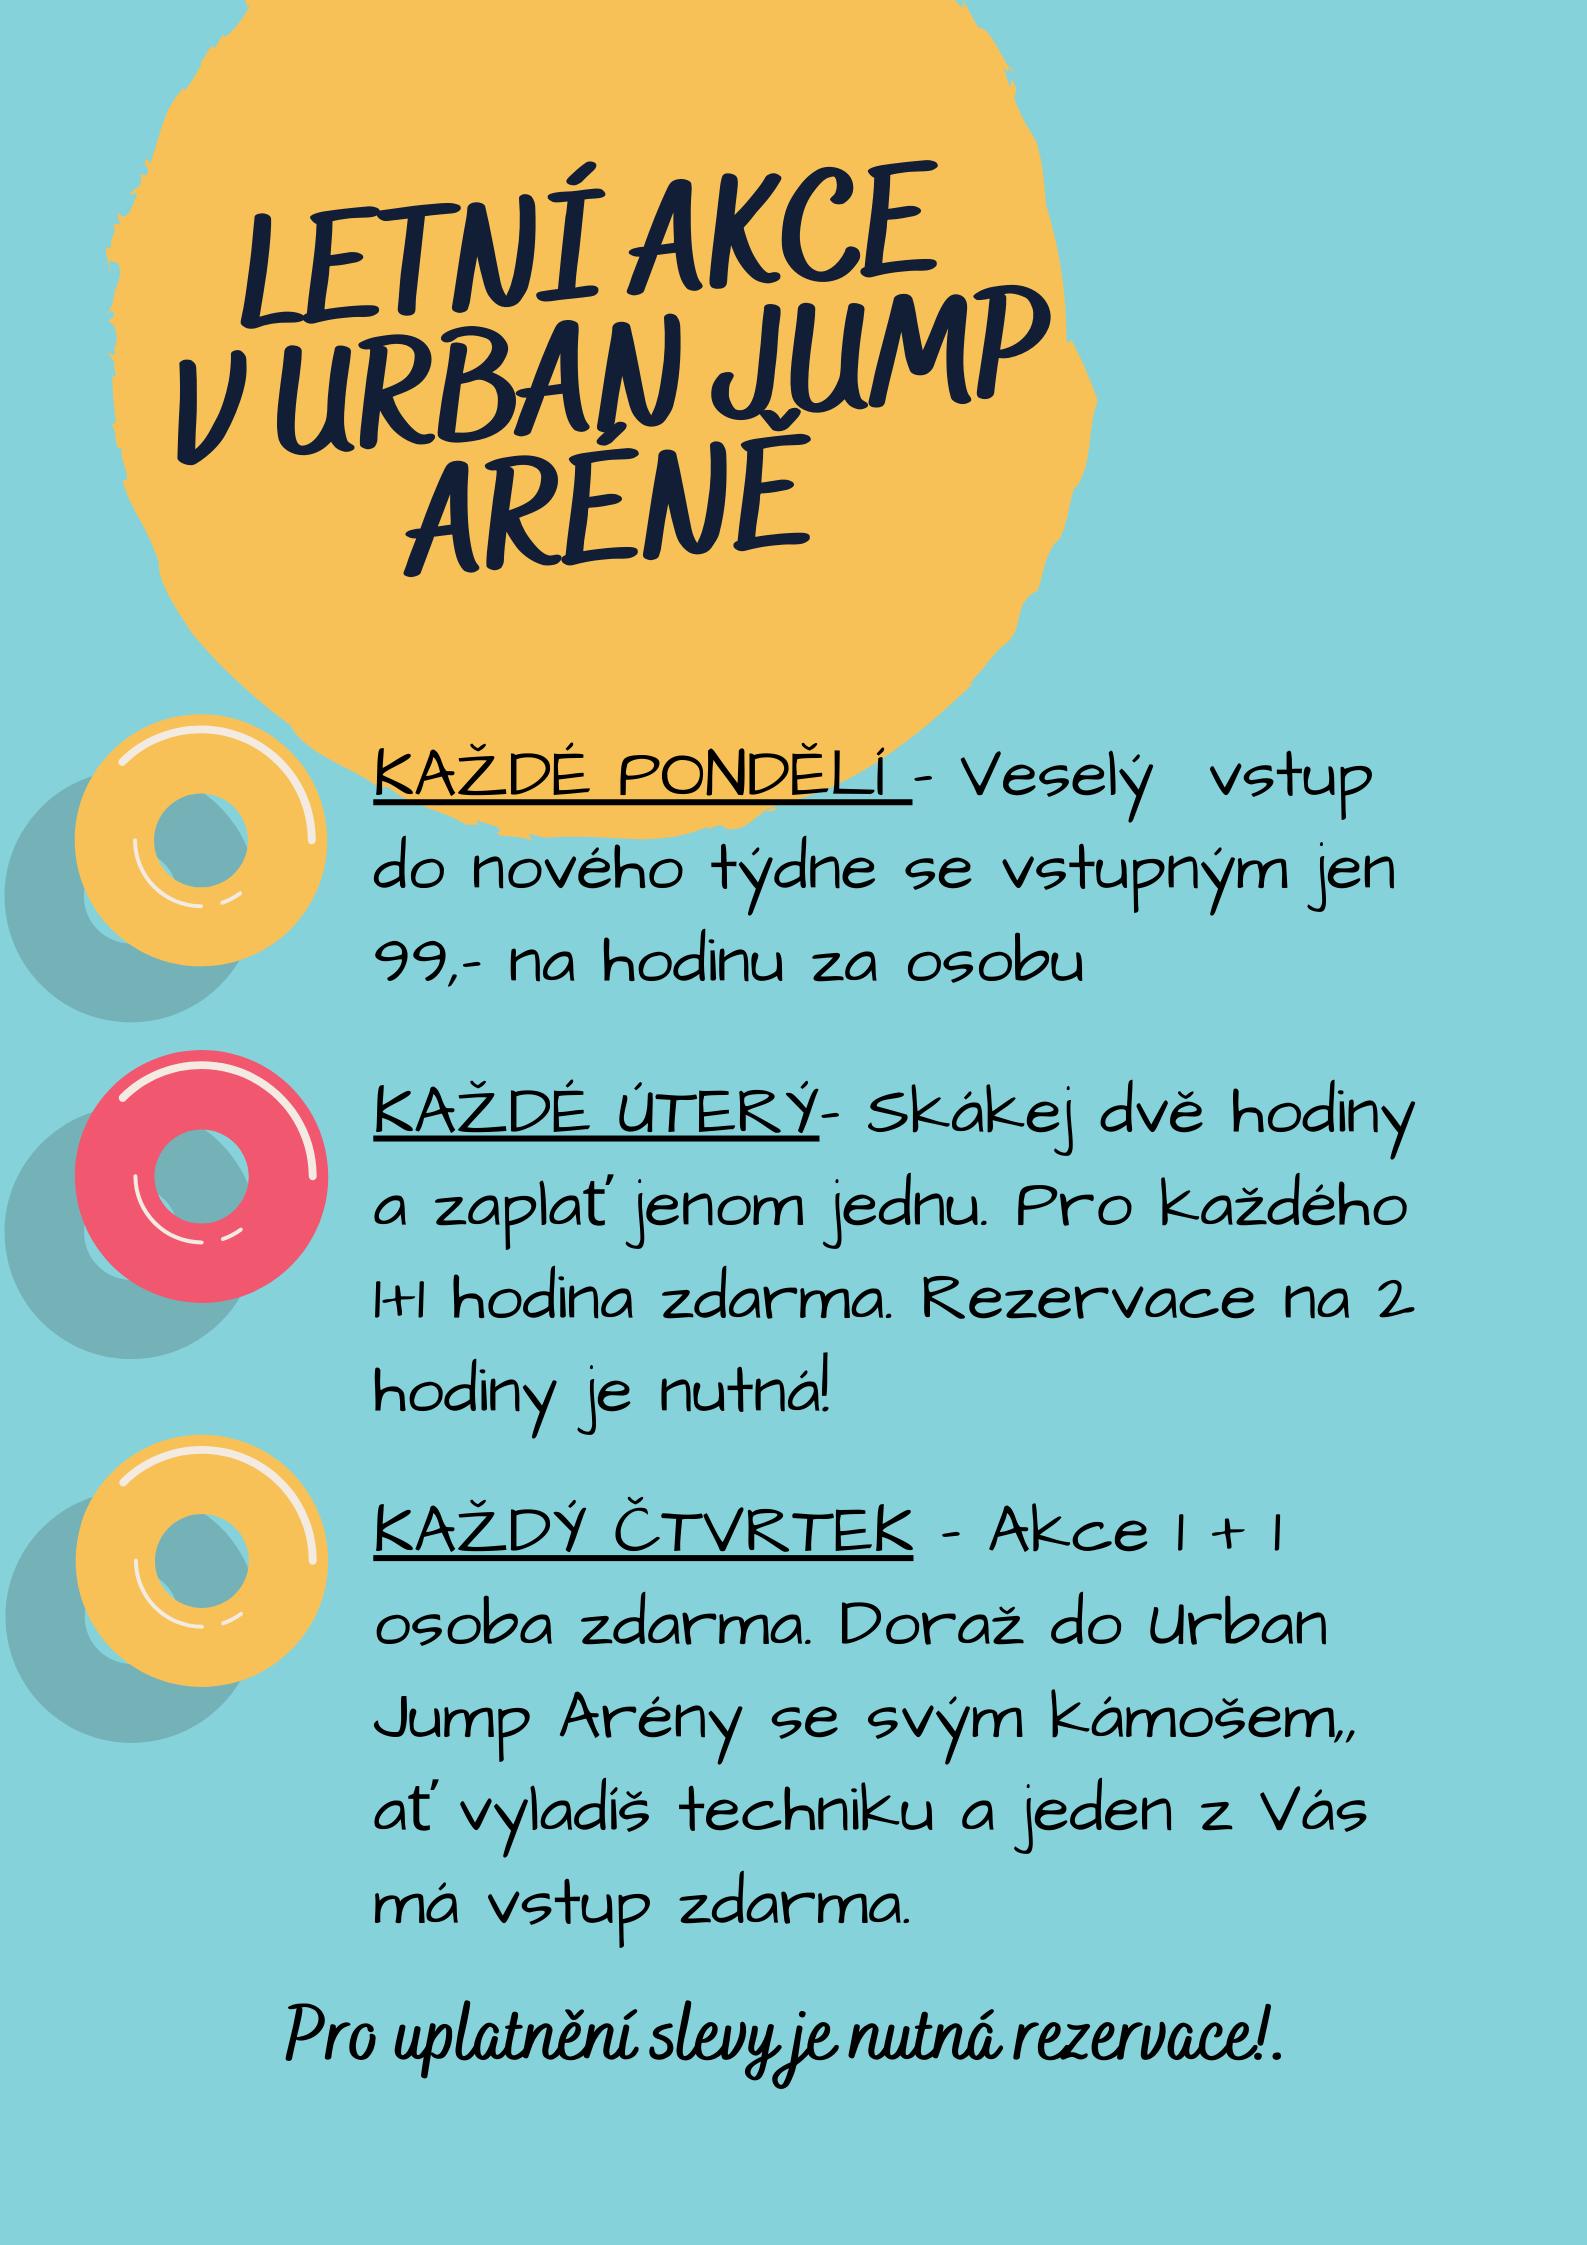 Letní akce v Urban Jump Aréně